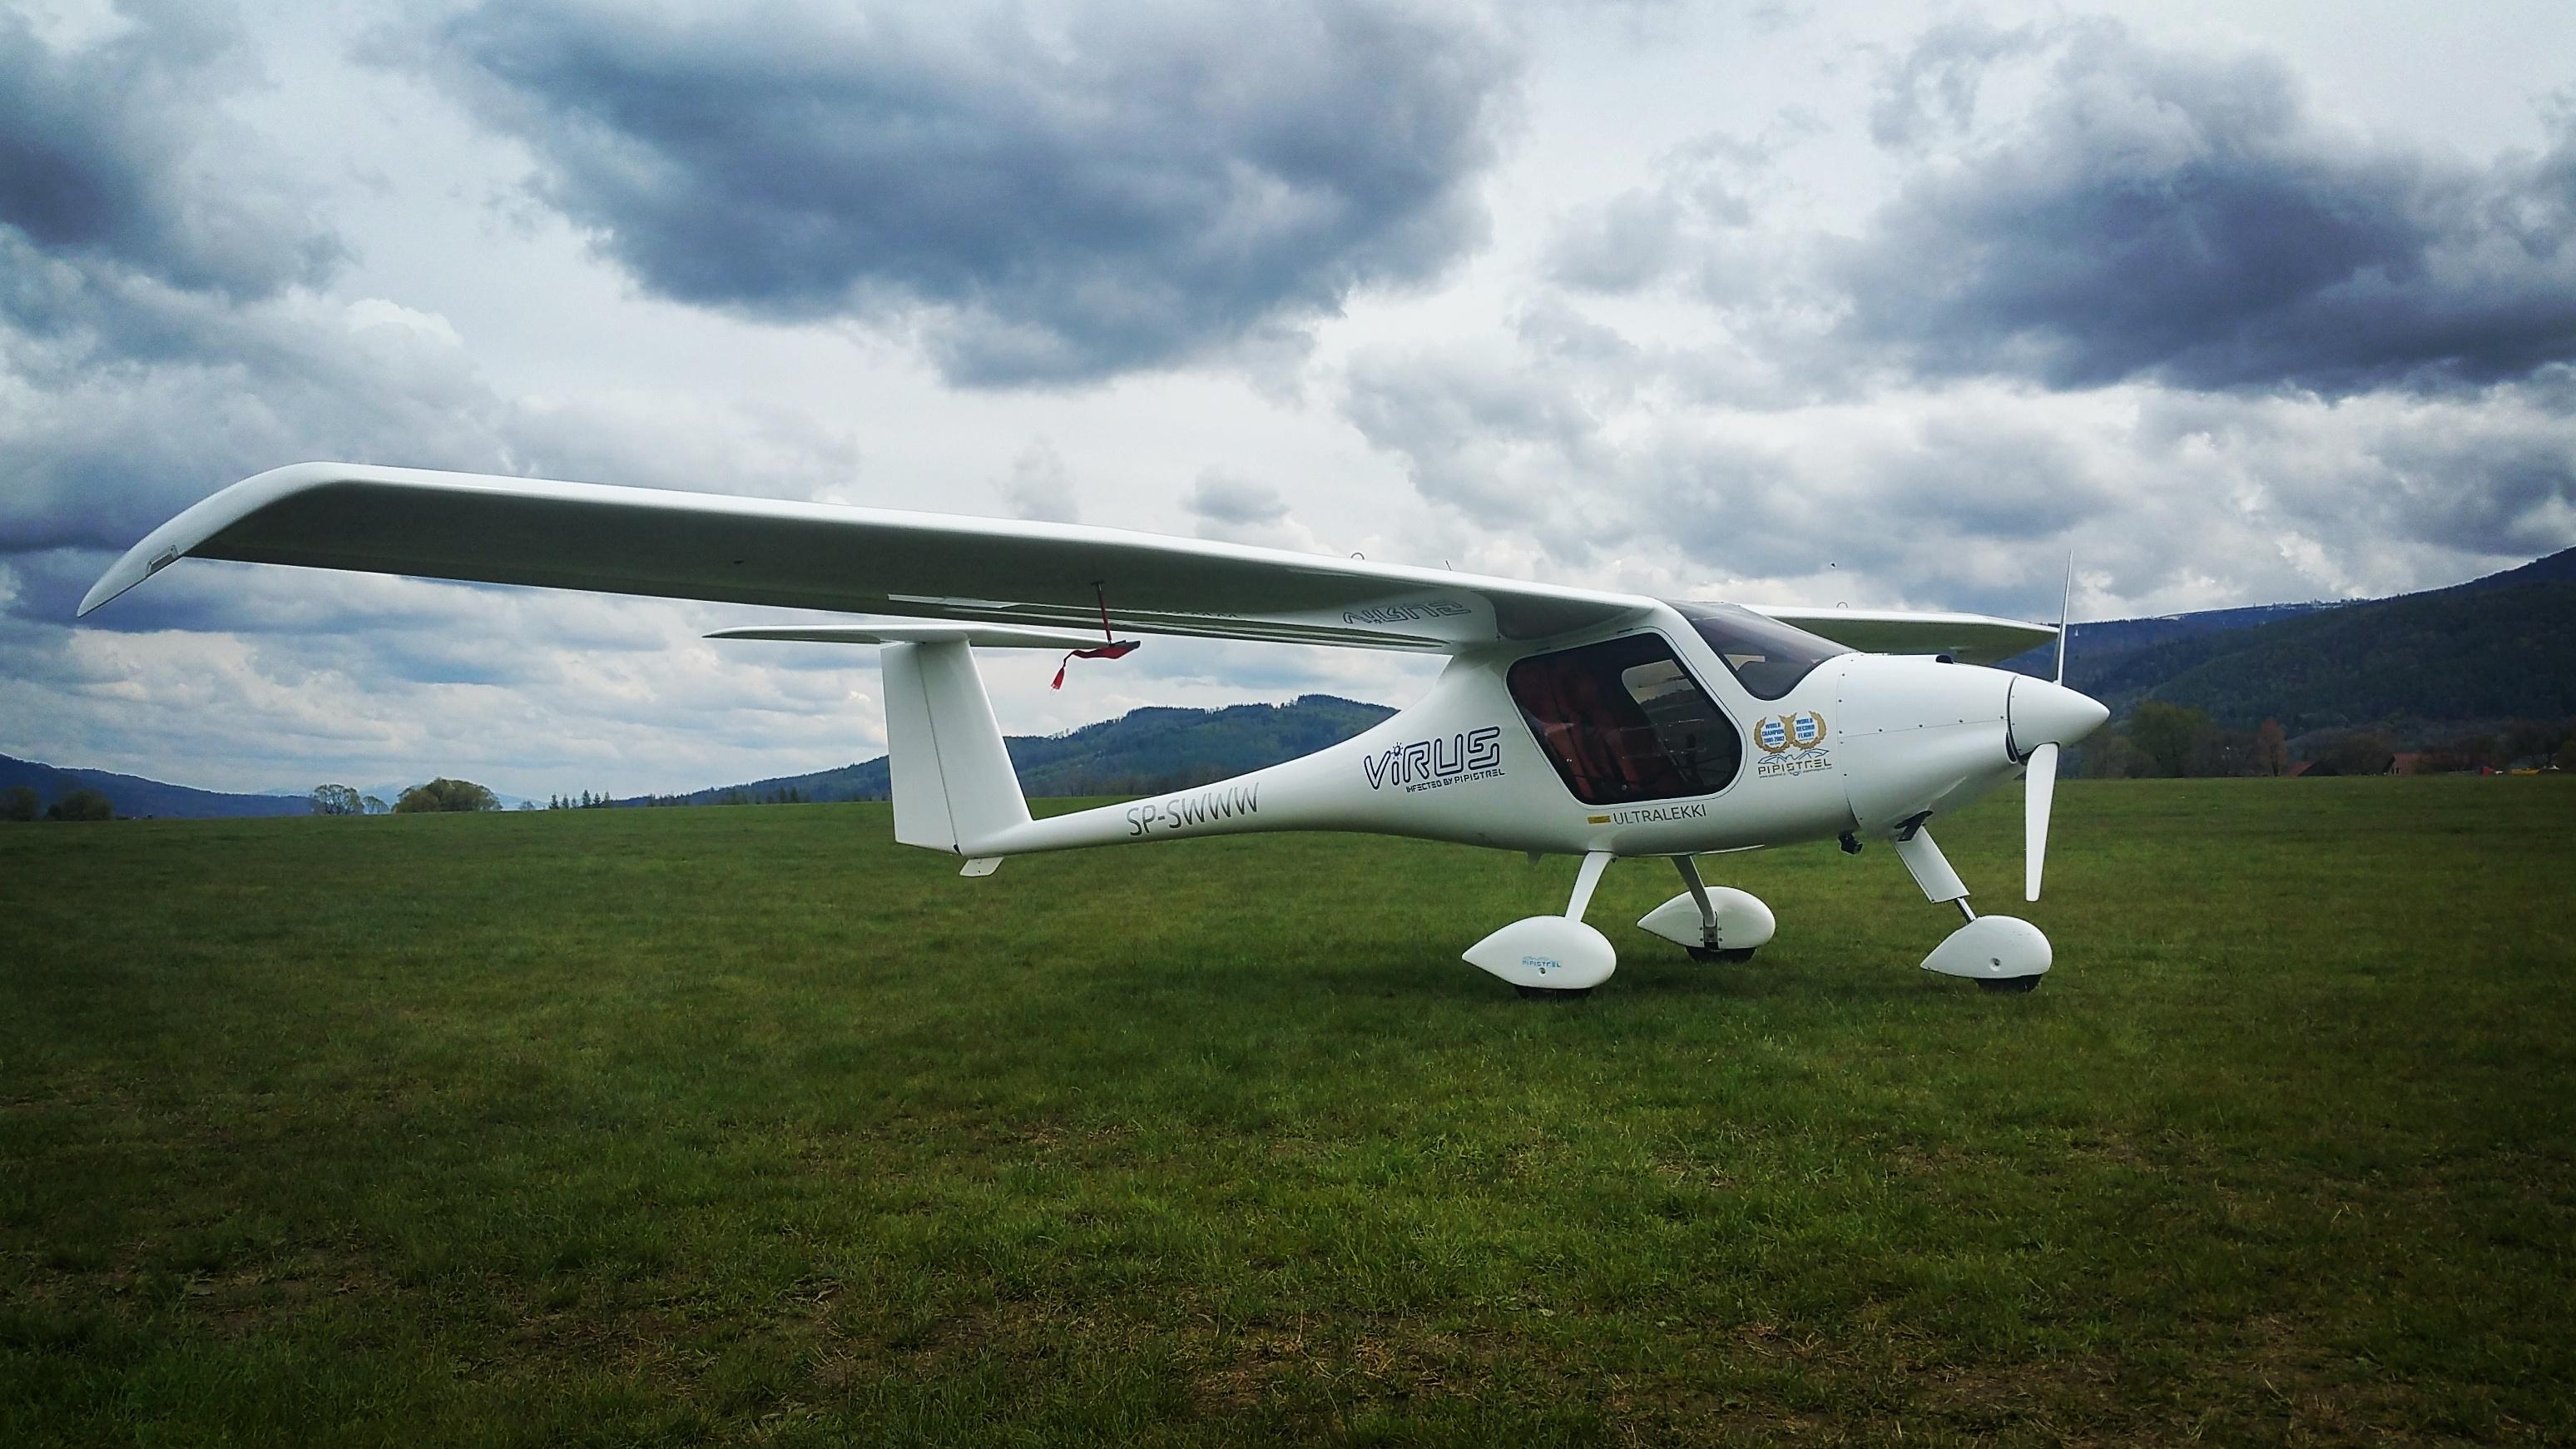 Virus 912 - samolot posiadający zasięg 2000 km i prędkość przelotową 225 km/h